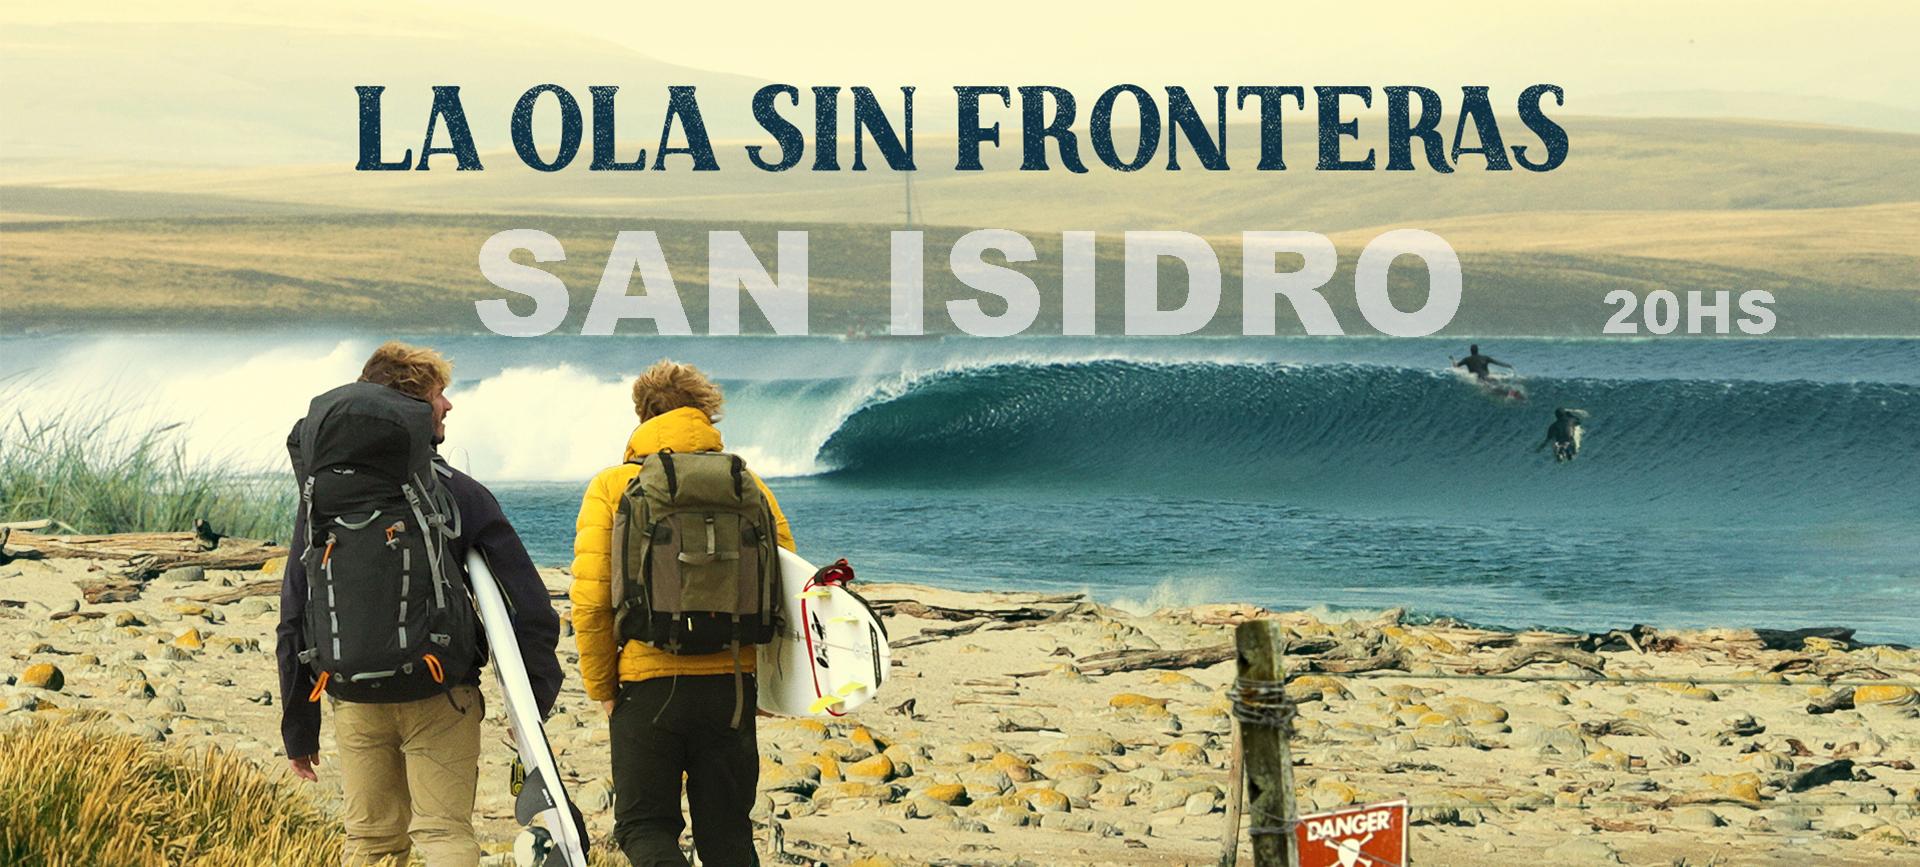 LA OLA SIN FRONTERAS - San Isidro